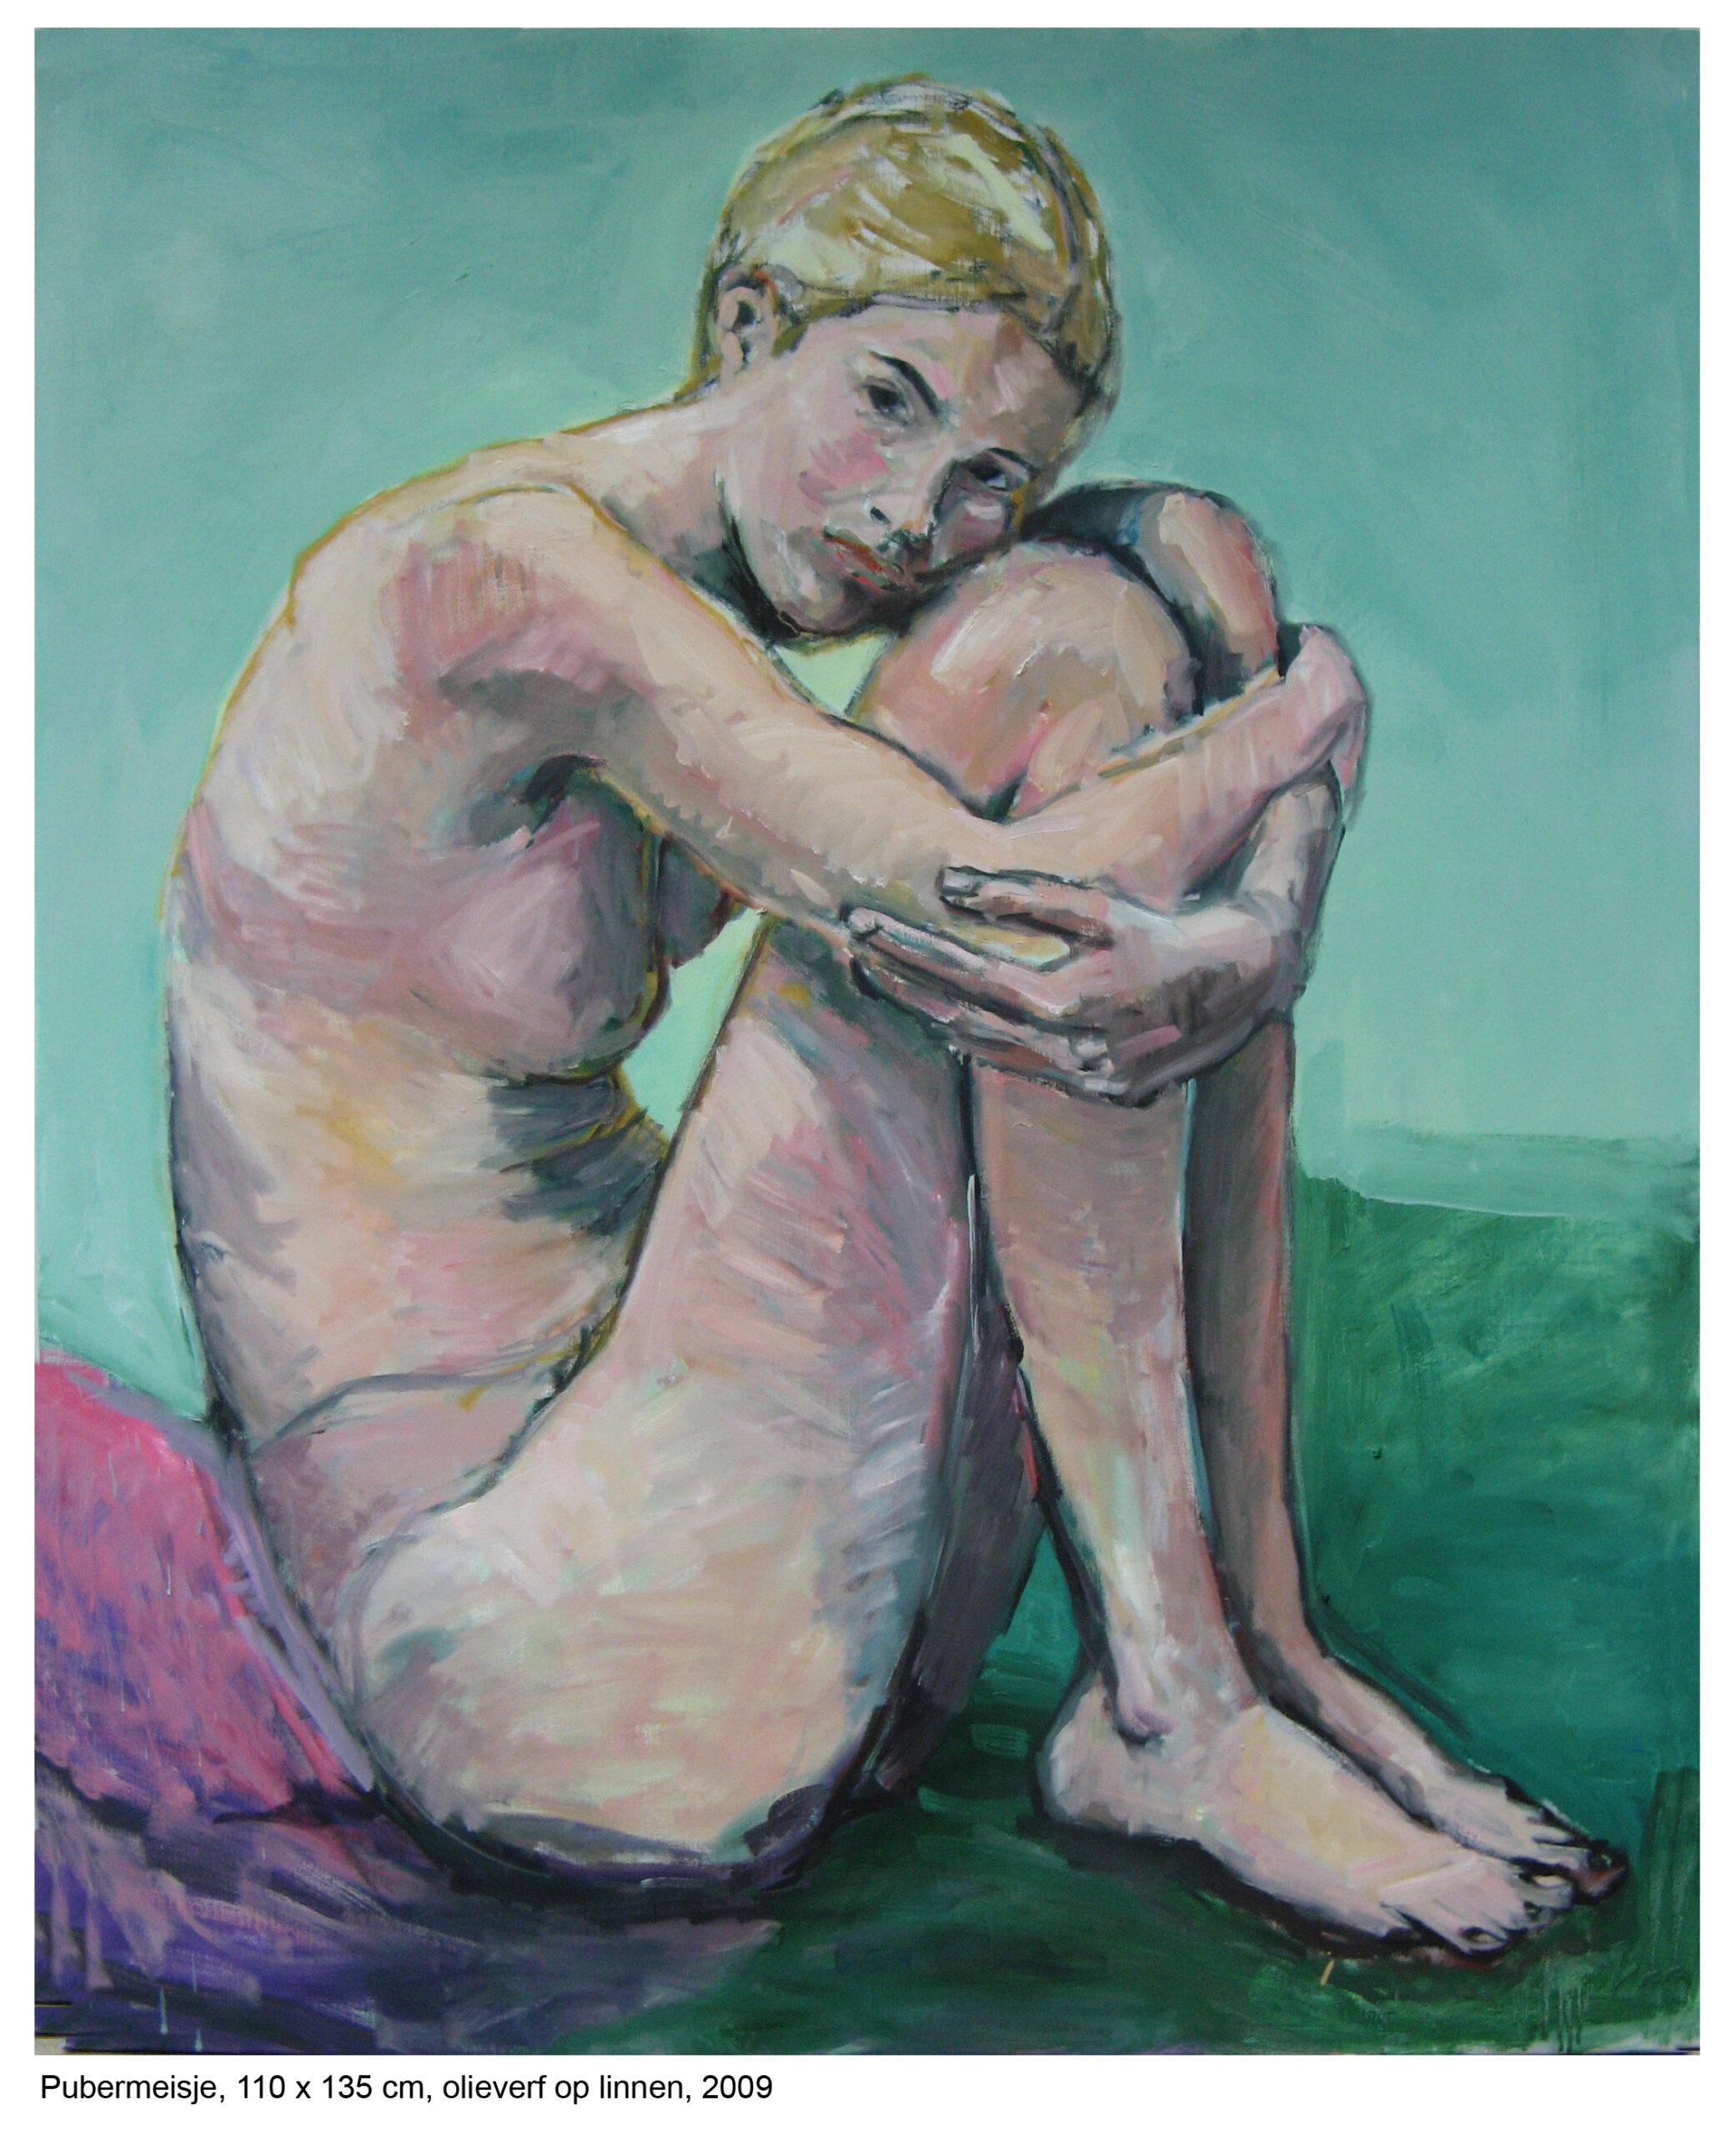 Pubermeisje, 110 x 135, olieverf op linnen, 2009